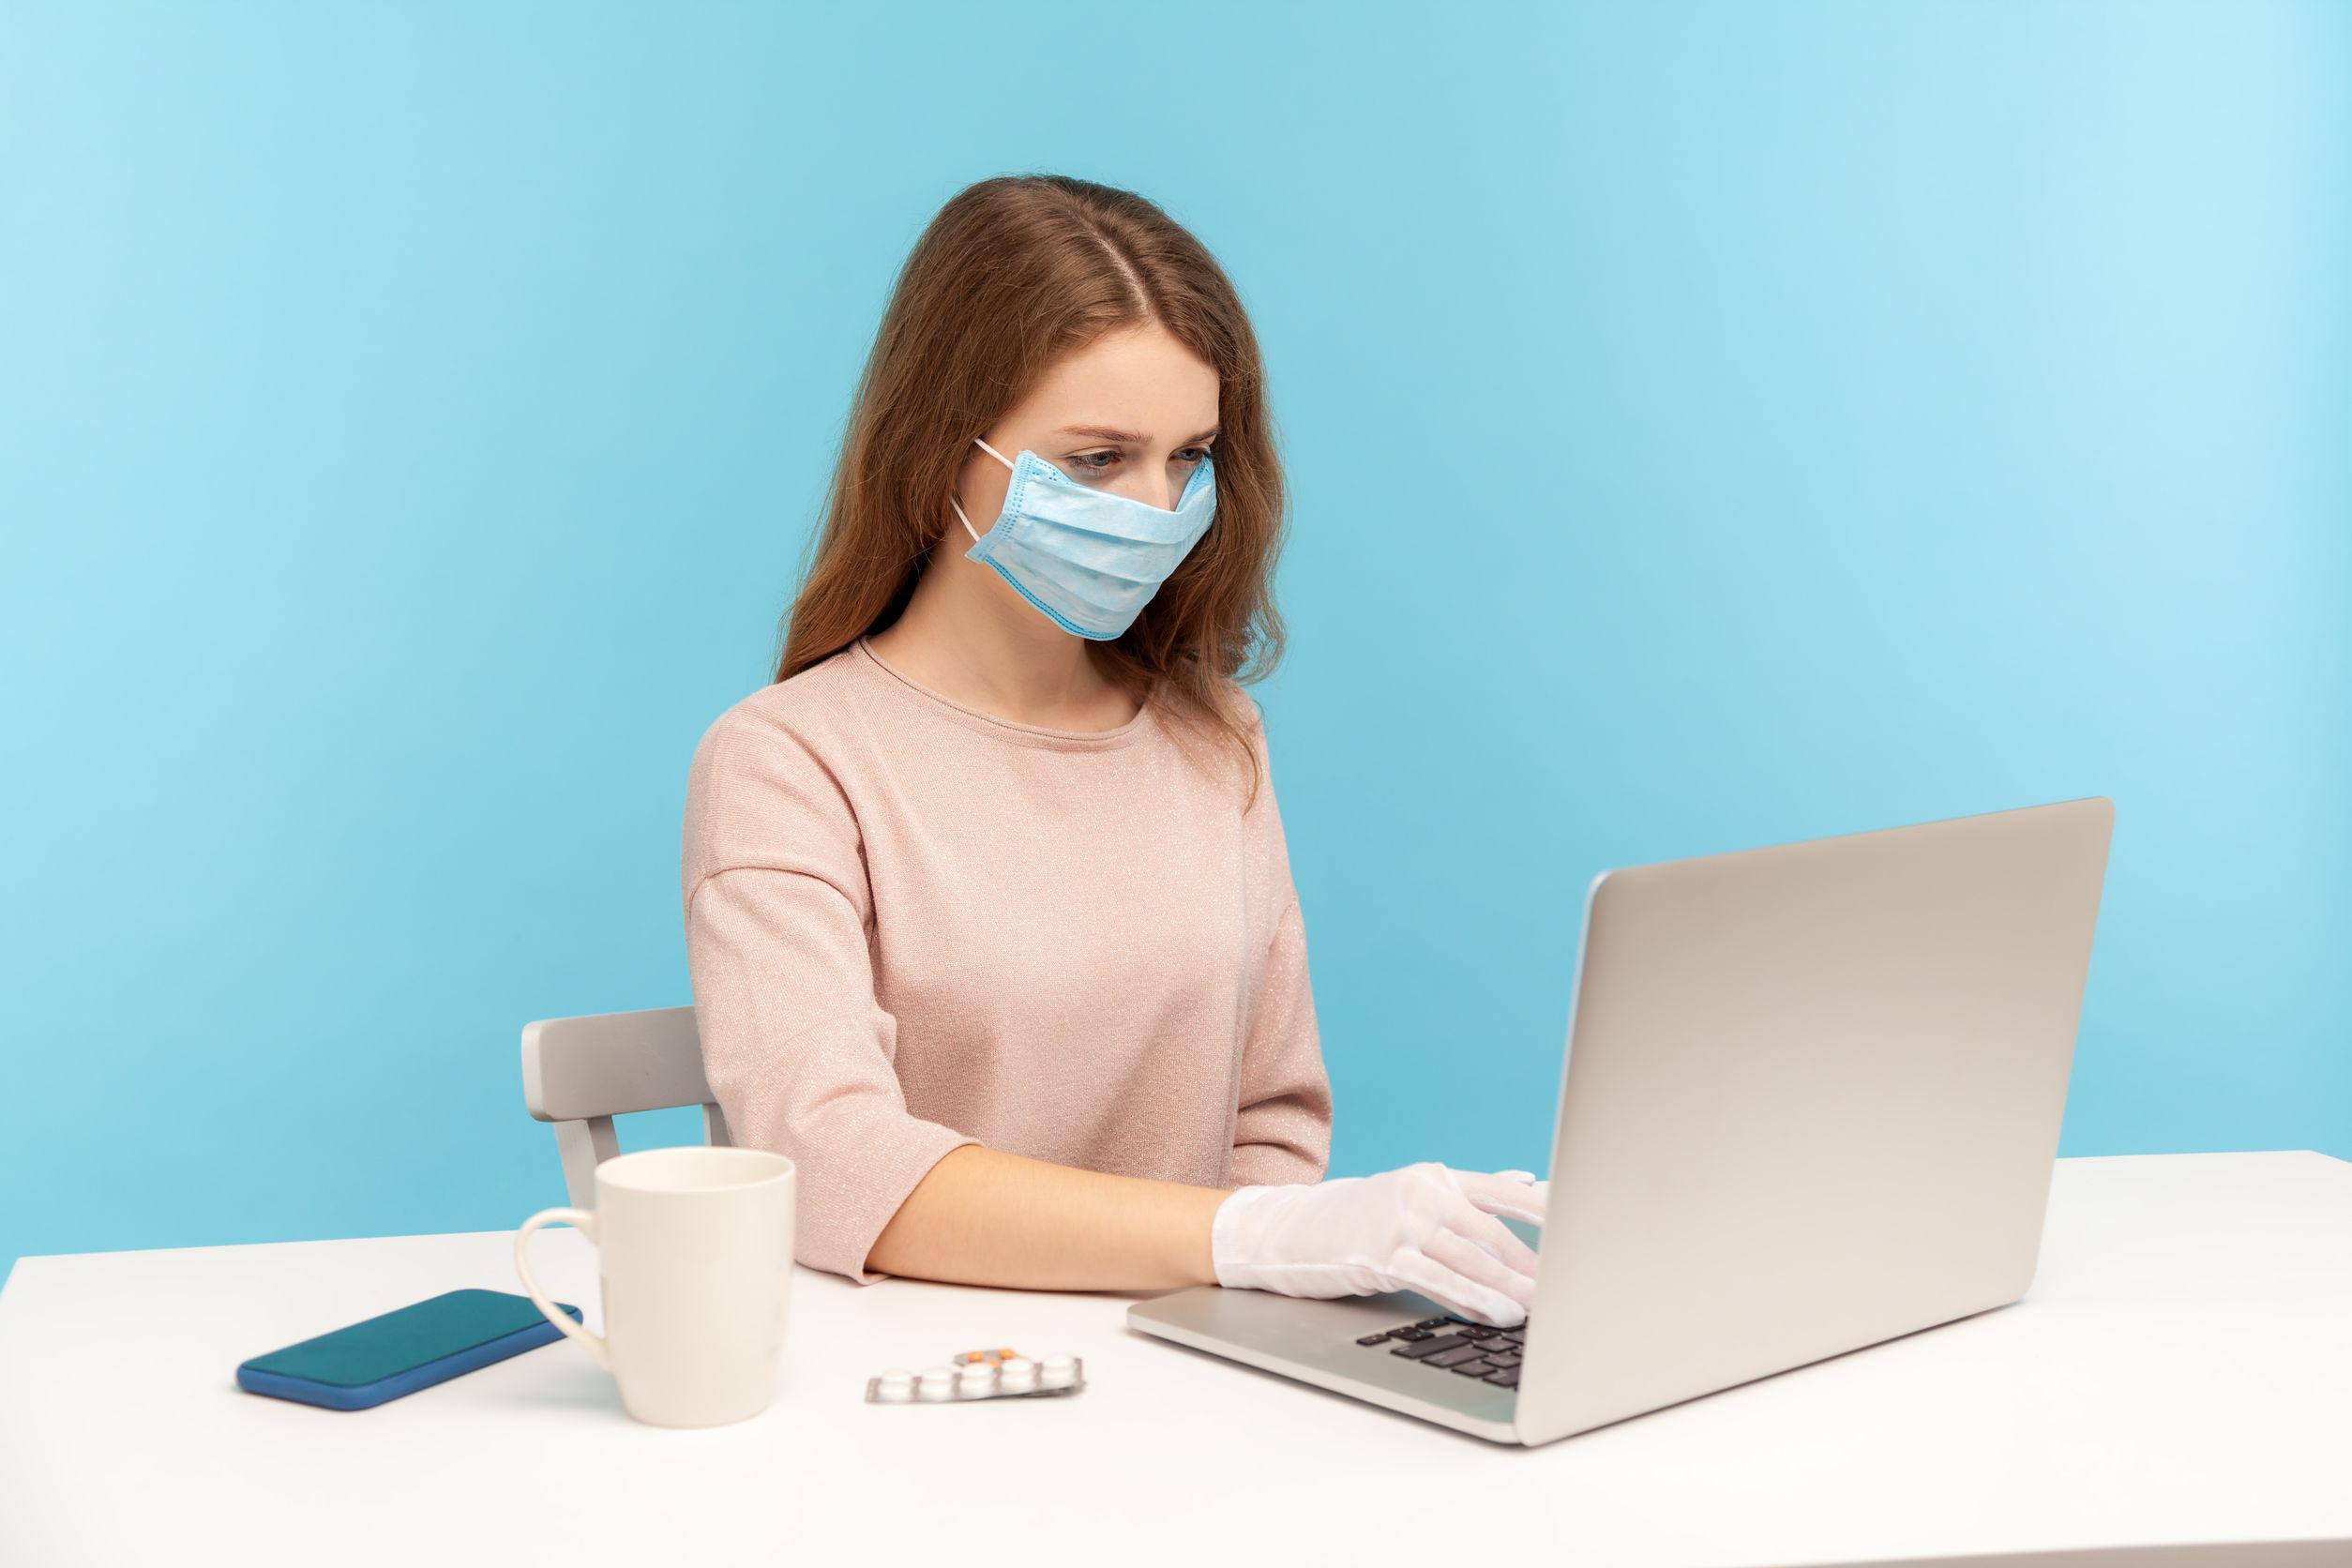 ¿Cómo Controlar Tiempo De Trabajo De Sus Empleados Durante La Pandemia?